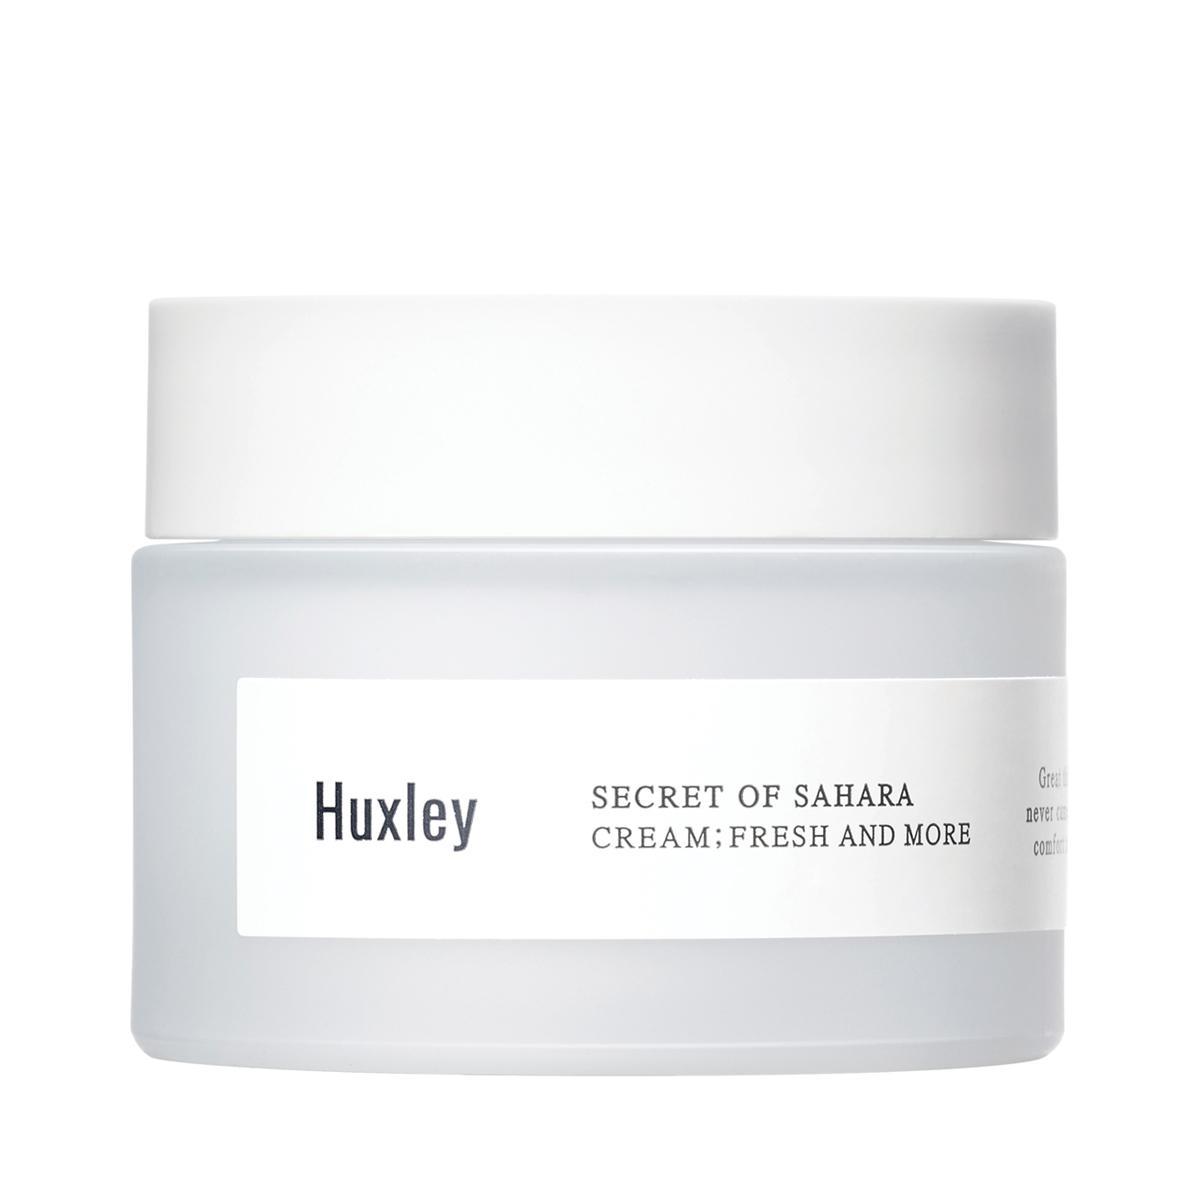 Ôn Tập Kem Dưỡng Da Ẩm Mượt Dạng Gel Cao Cấp Danh Cho Da Kho Da Dầu Chiết Xuất Xương Rồng Huxley Cream Fresh And More 50Ml